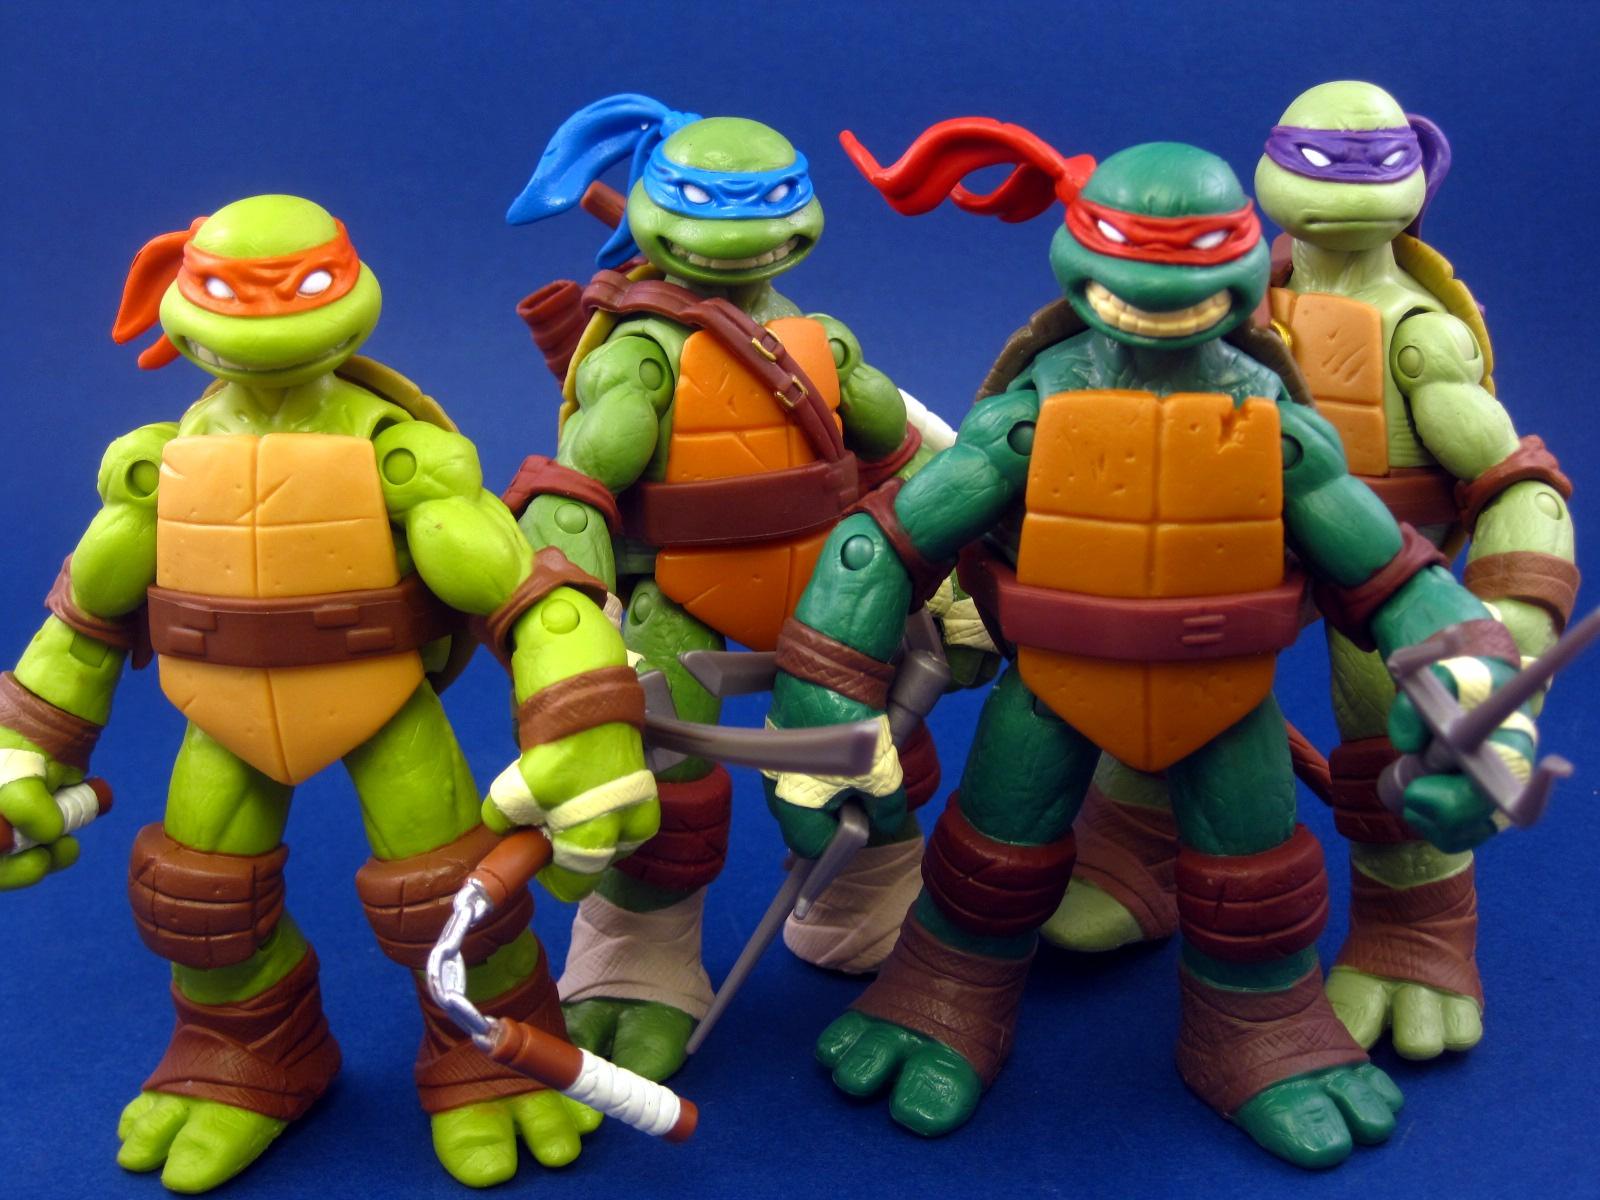 2012 Teenage Mutant Ninja Turtles